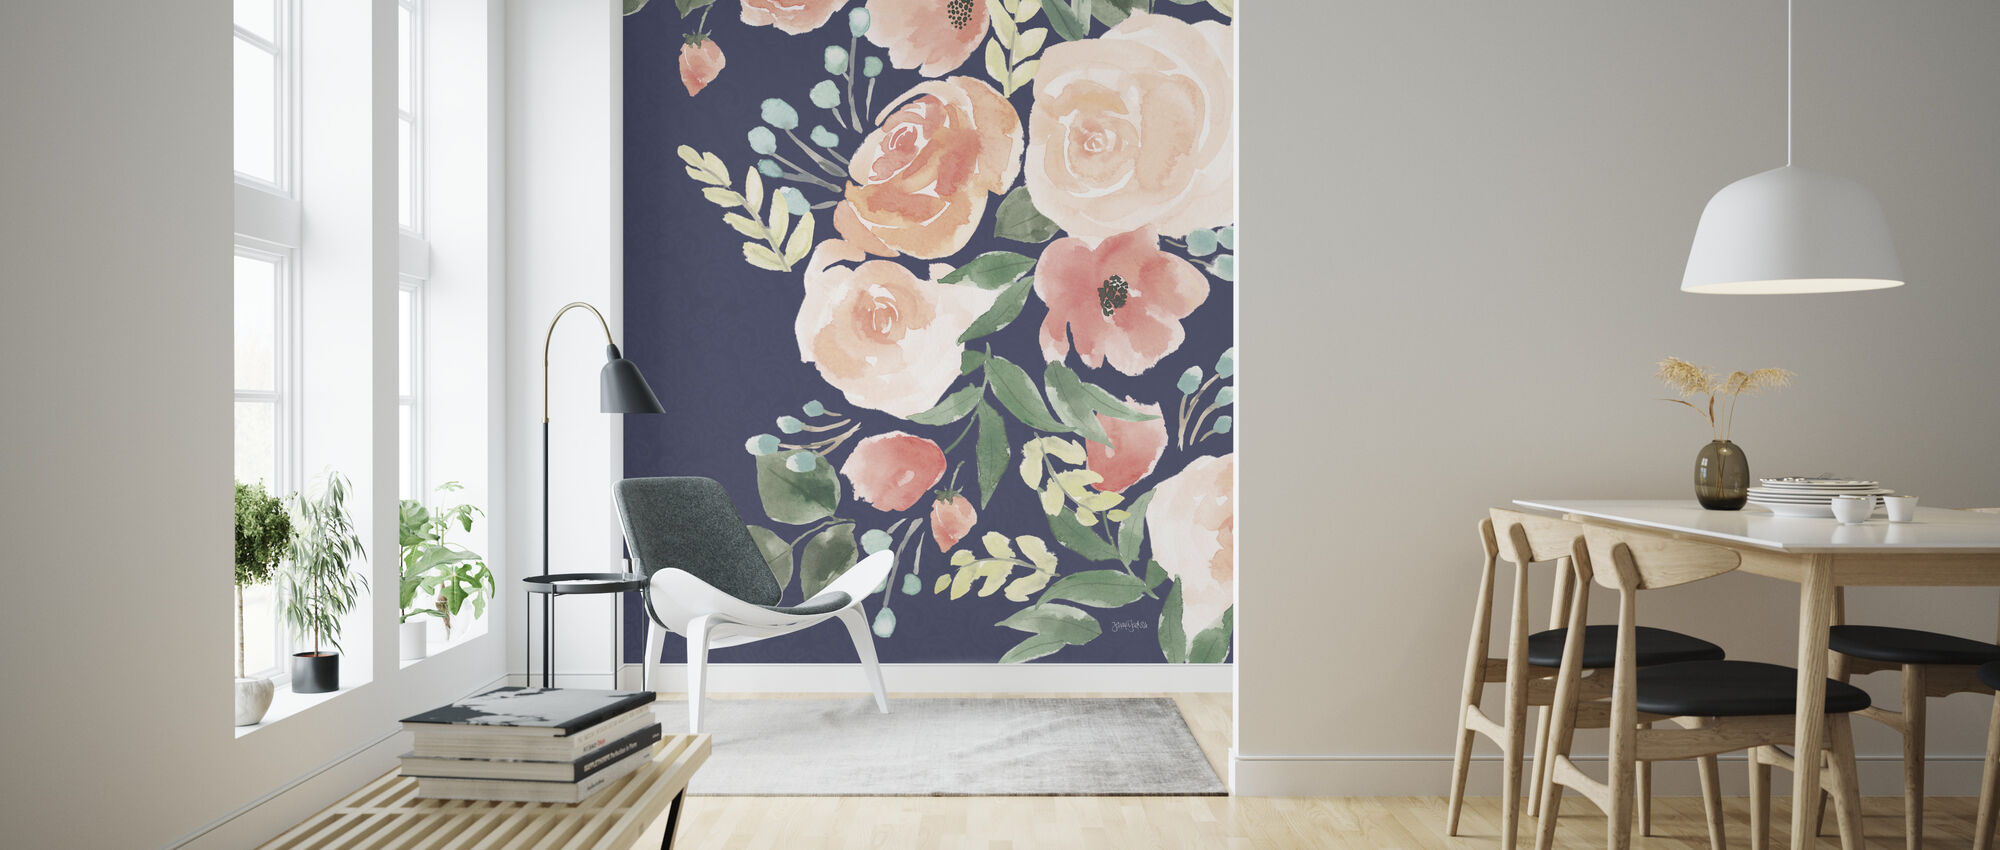 Blooming Delight II - Wallpaper - Living Room